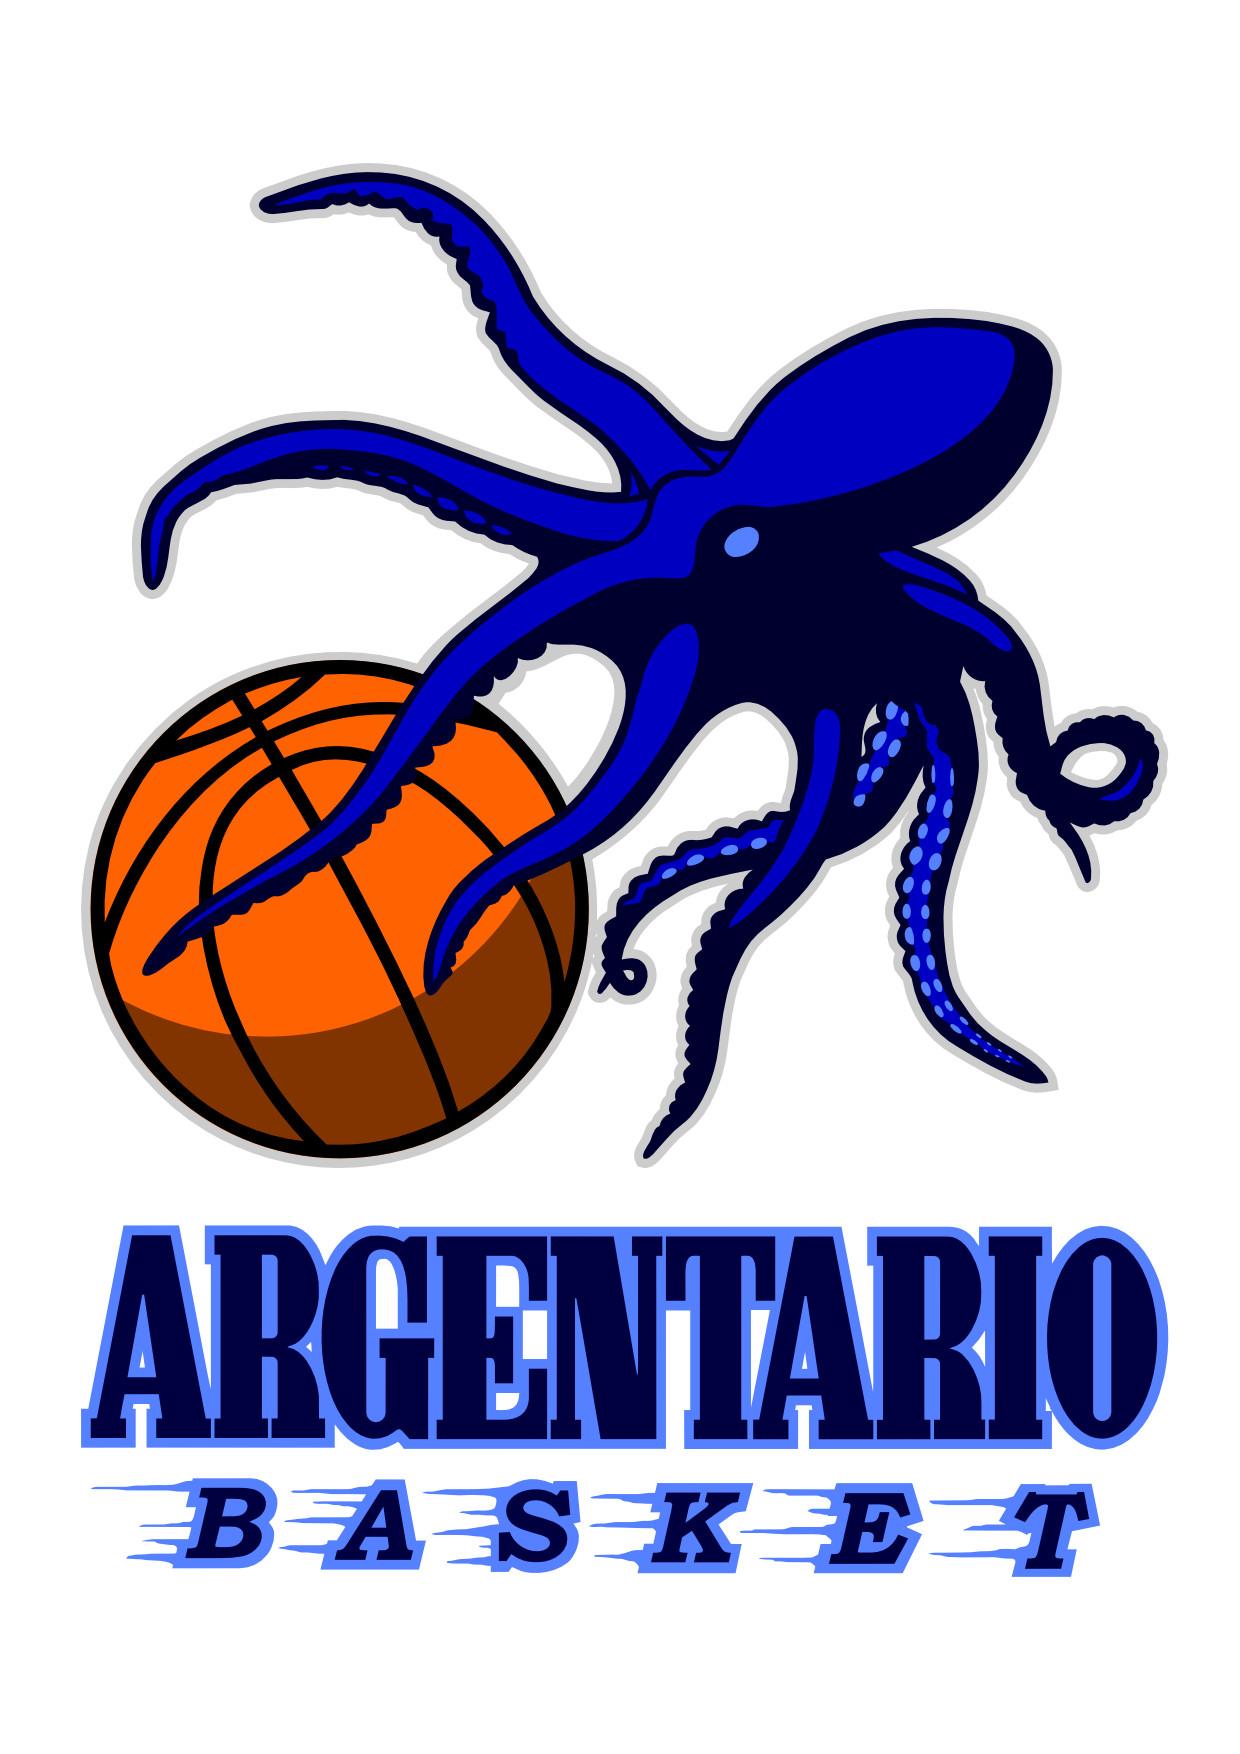 argentariobasket0